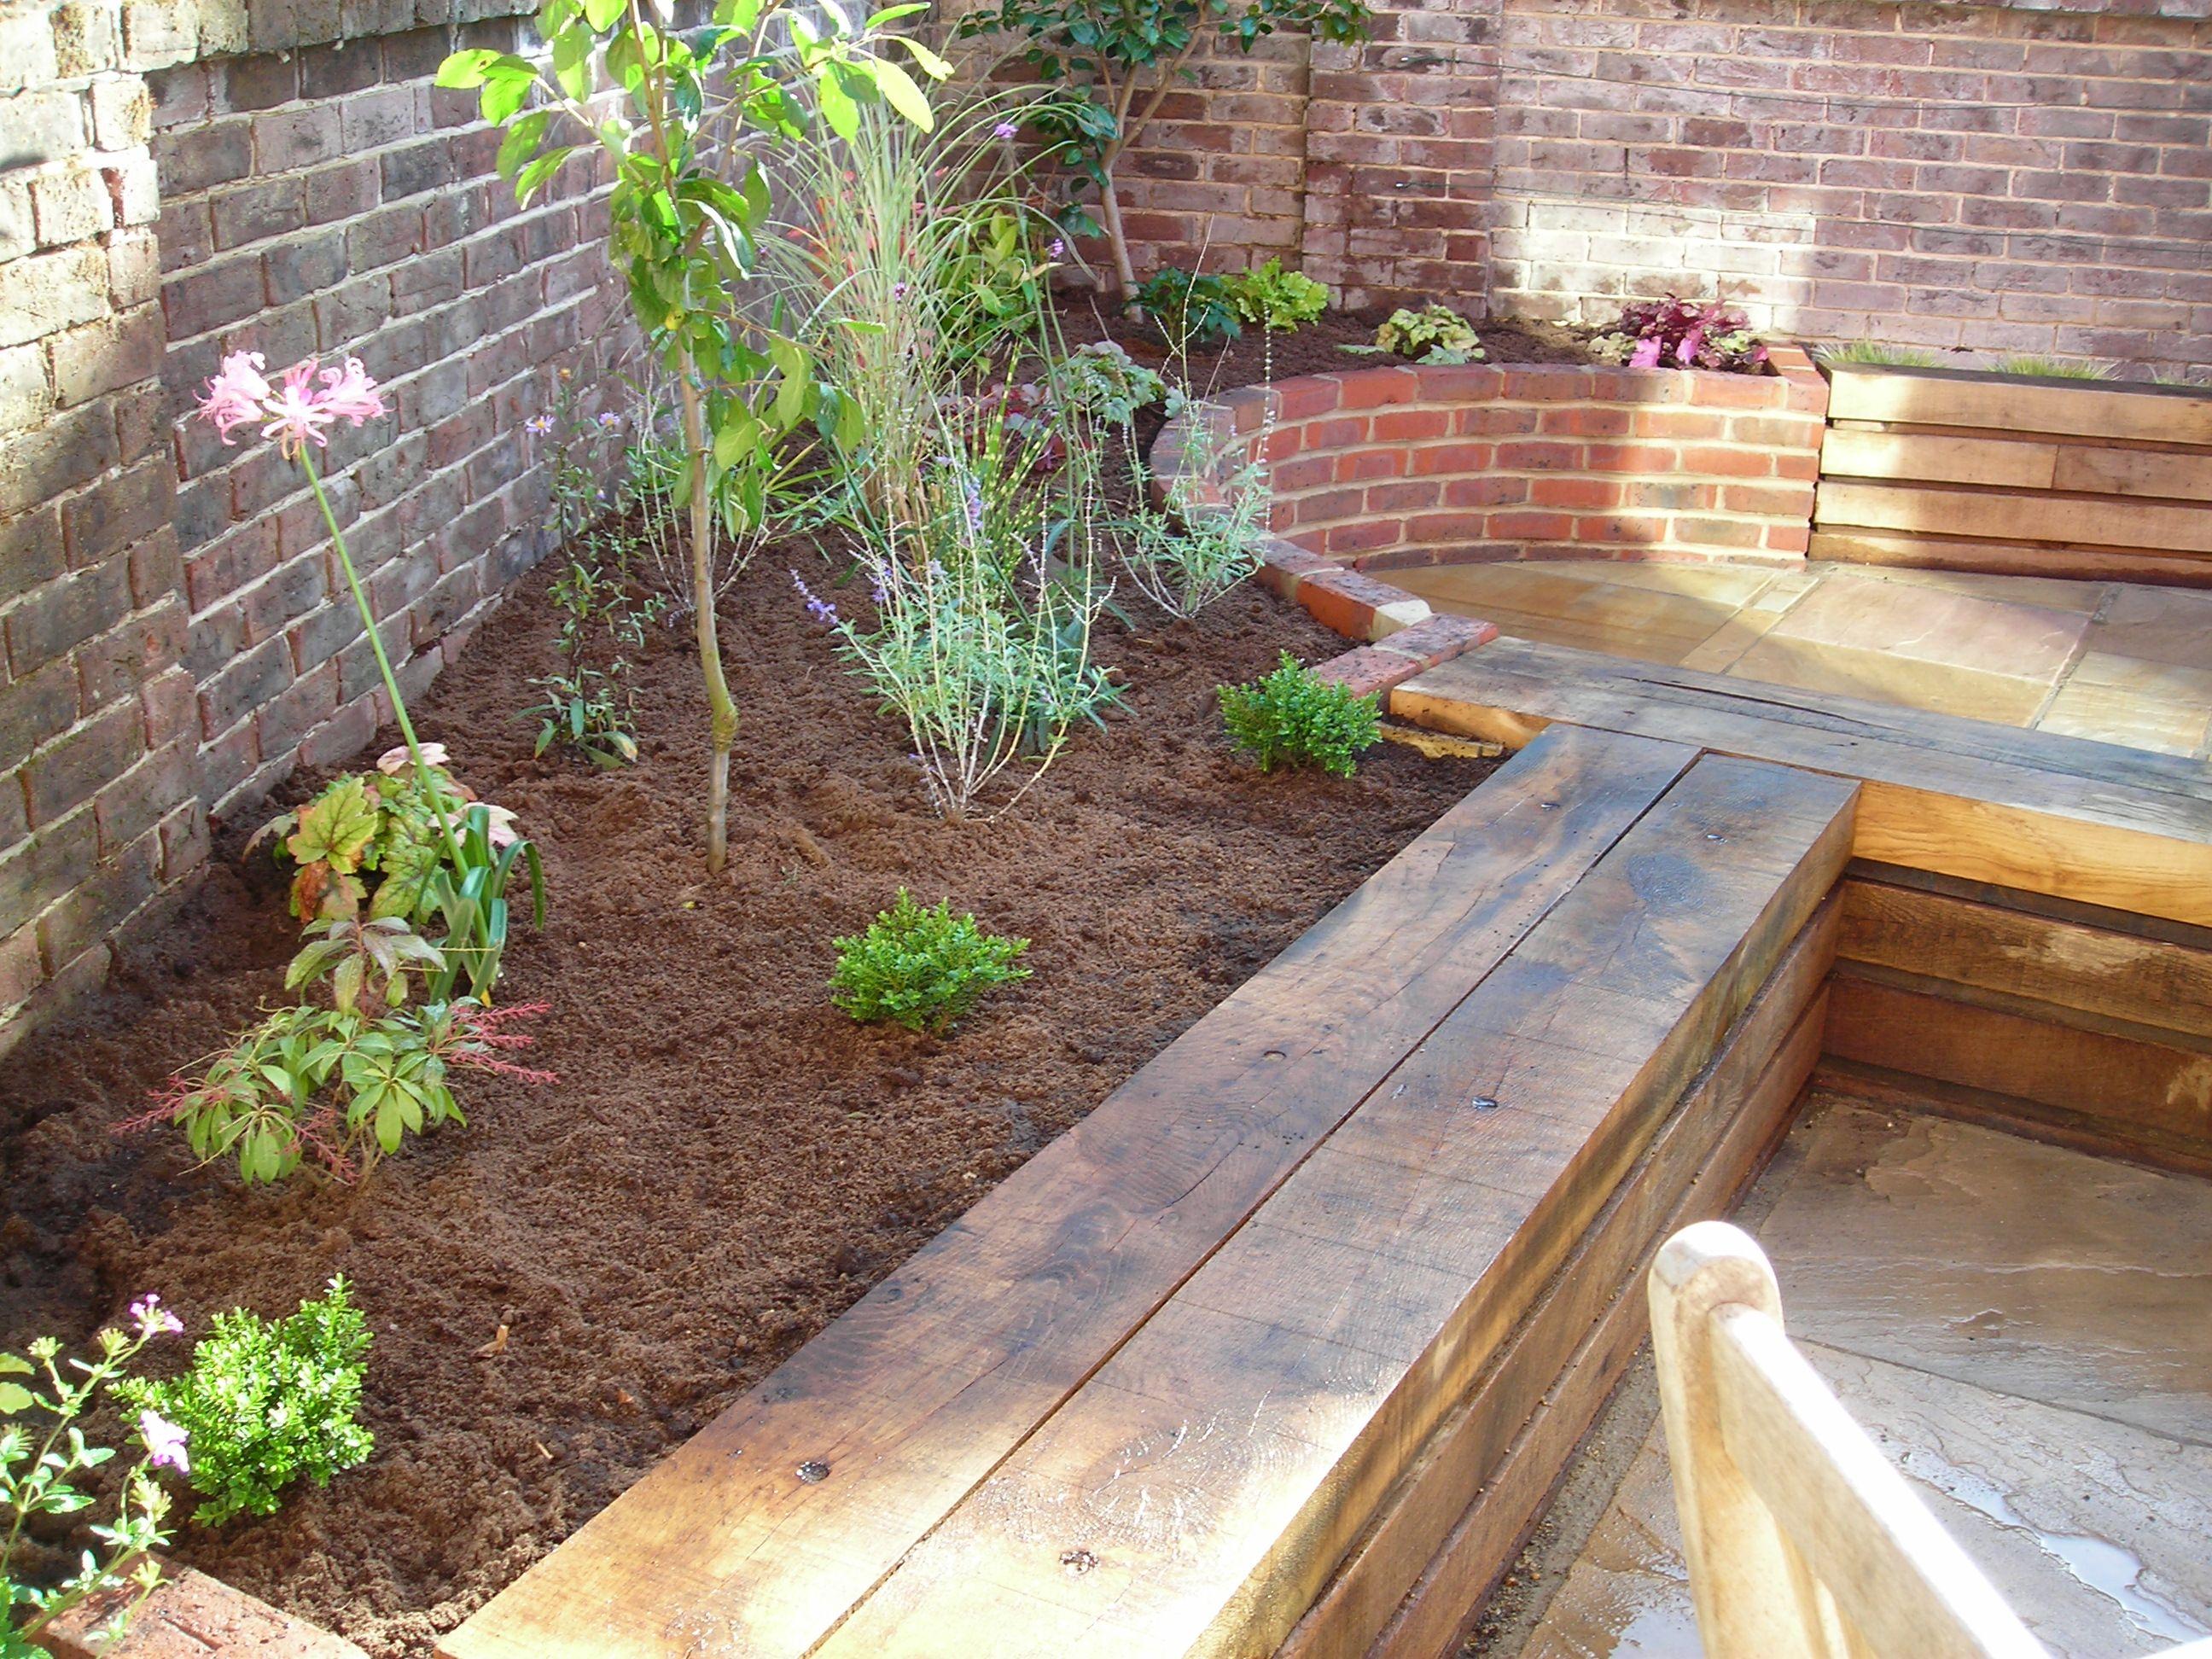 Dscn2463 Jpg 2592×1944 Vegetable Garden Raised Beds 400 x 300